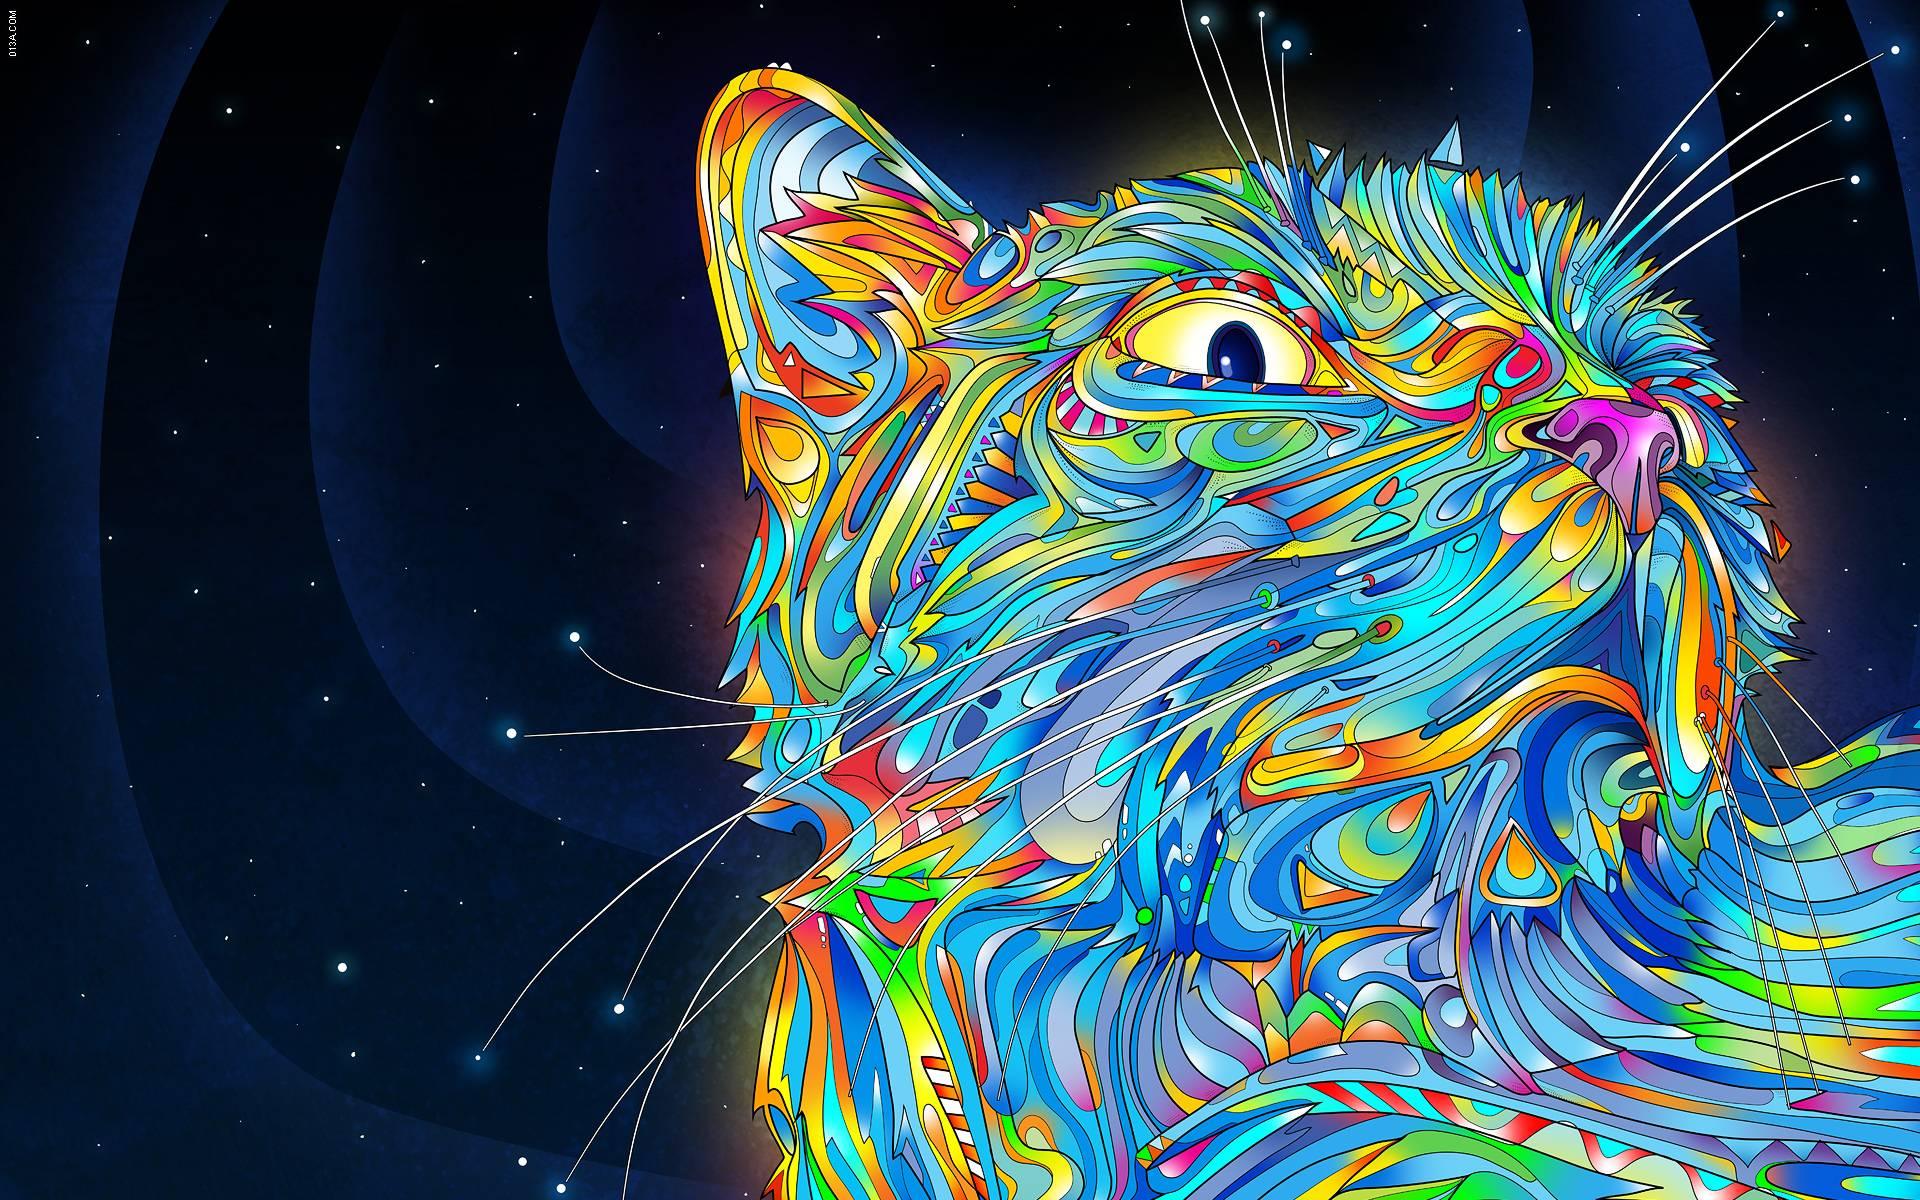 Cats Imagination Acid Trip Hd Wallpaper